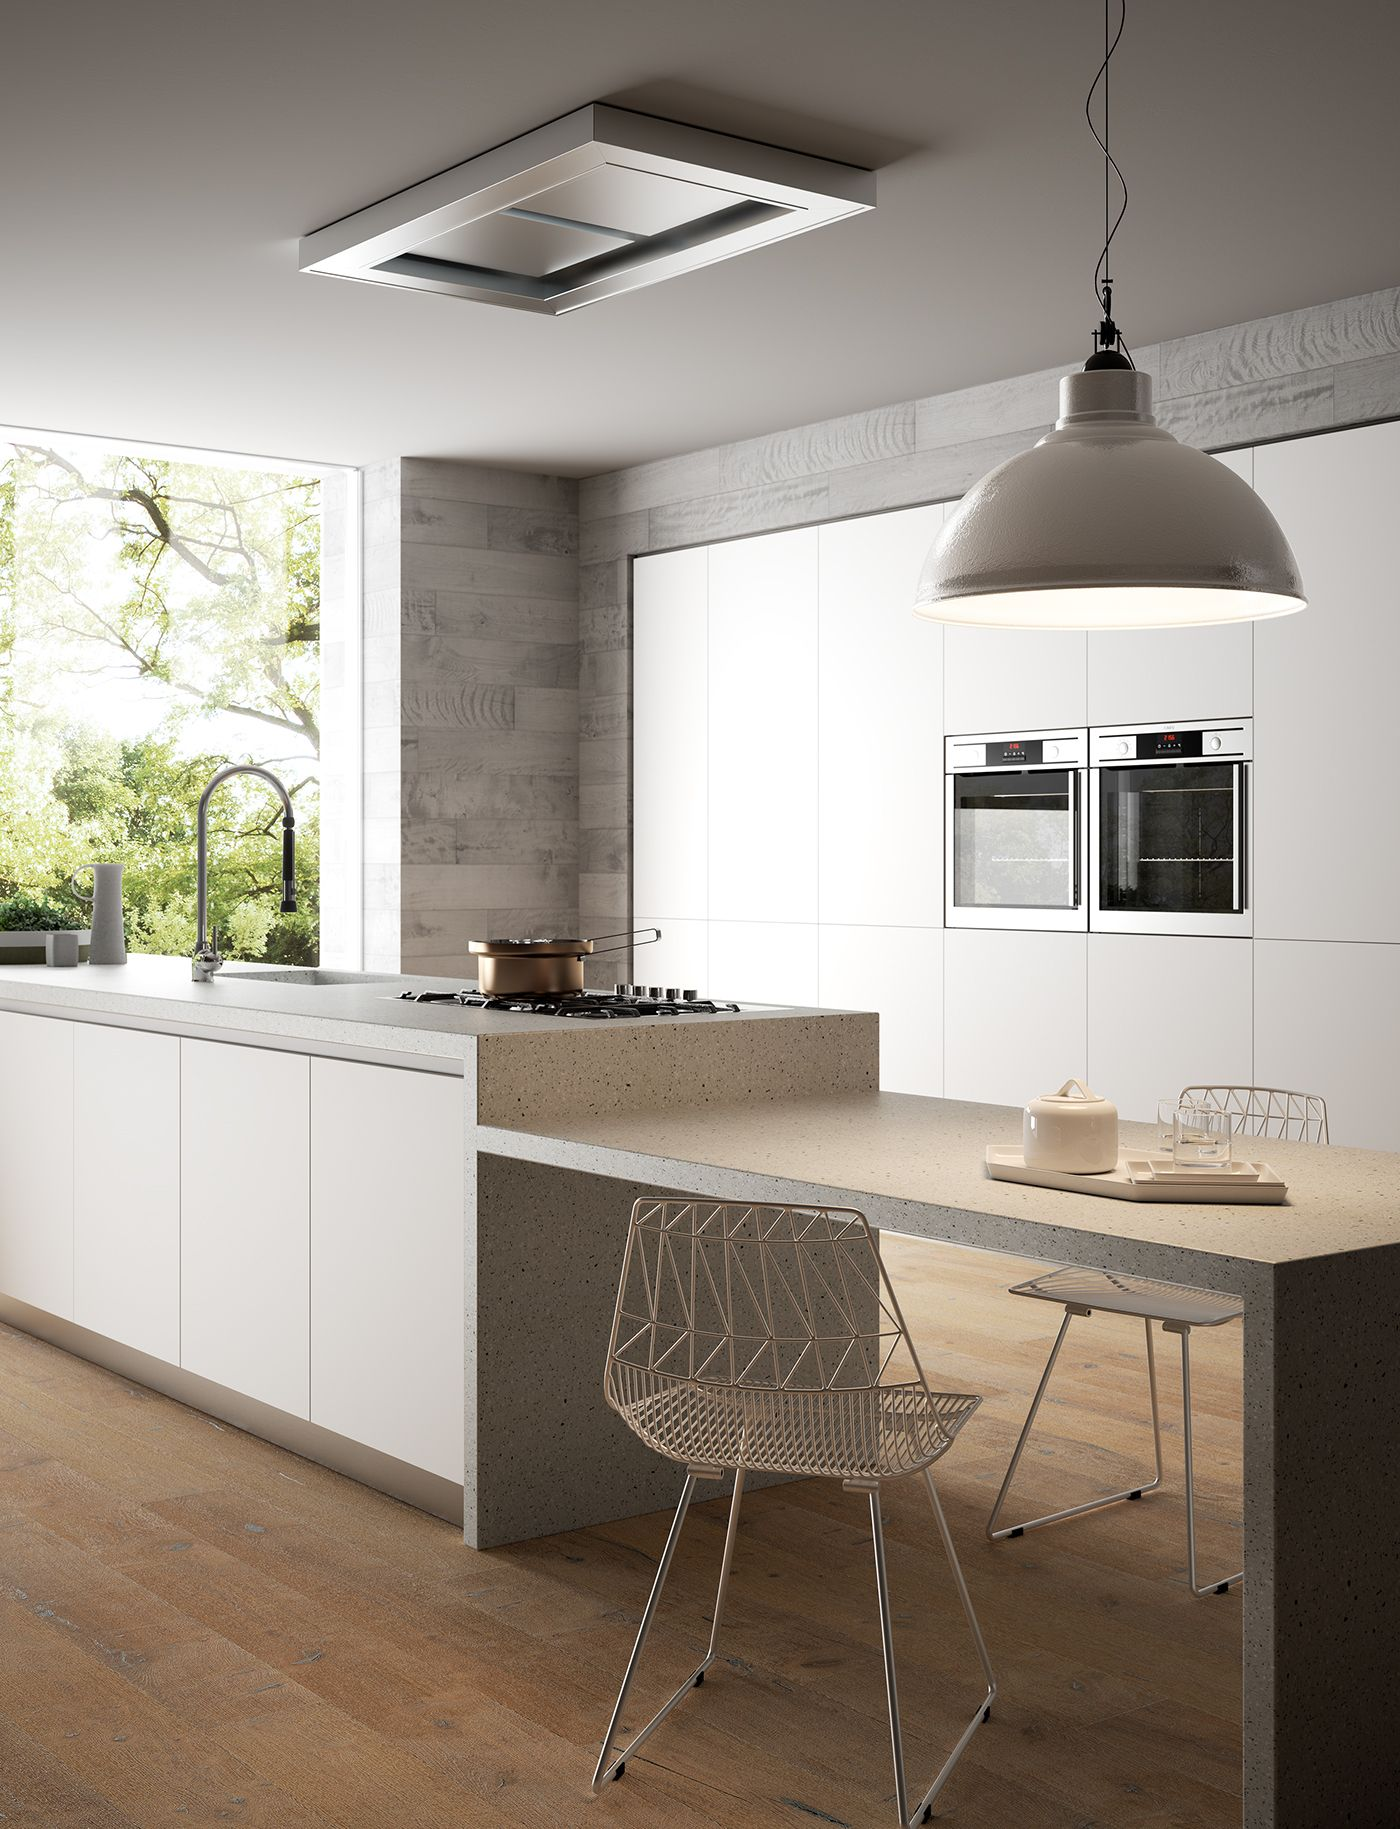 Variety Of Modern And Minimalist Kitchen Design Ideas Which Looks